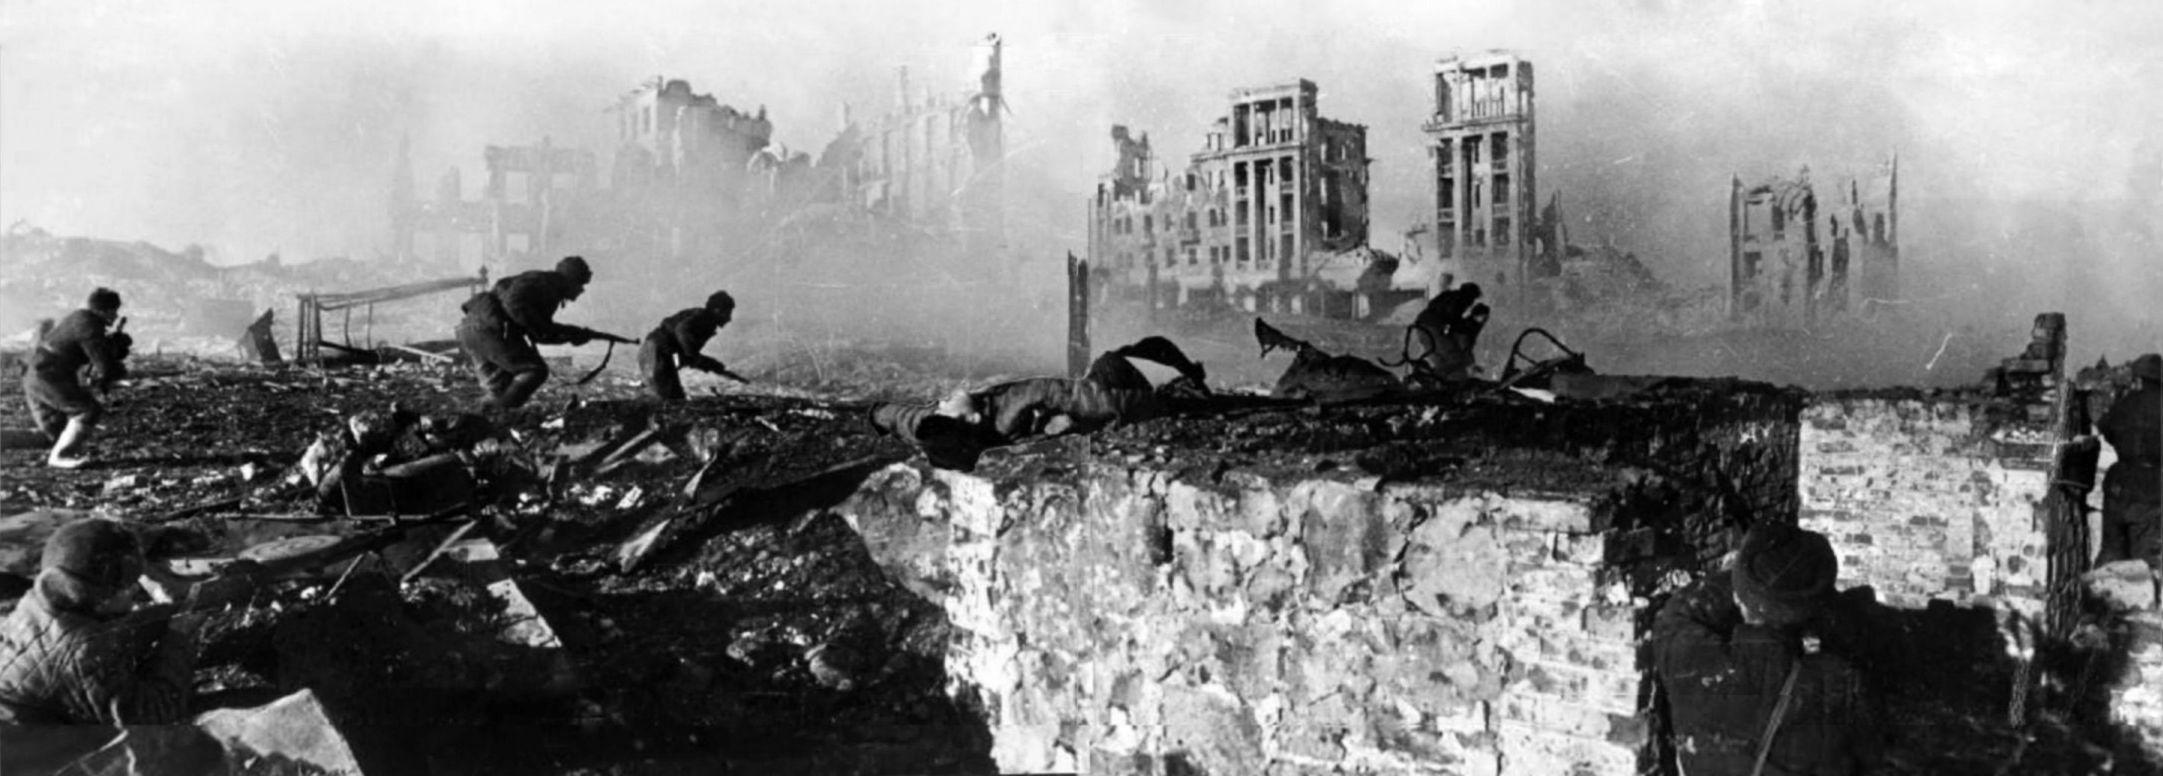 Tentara Soviet dalam serangan balik di Stalingrad | RIAN archive 44732